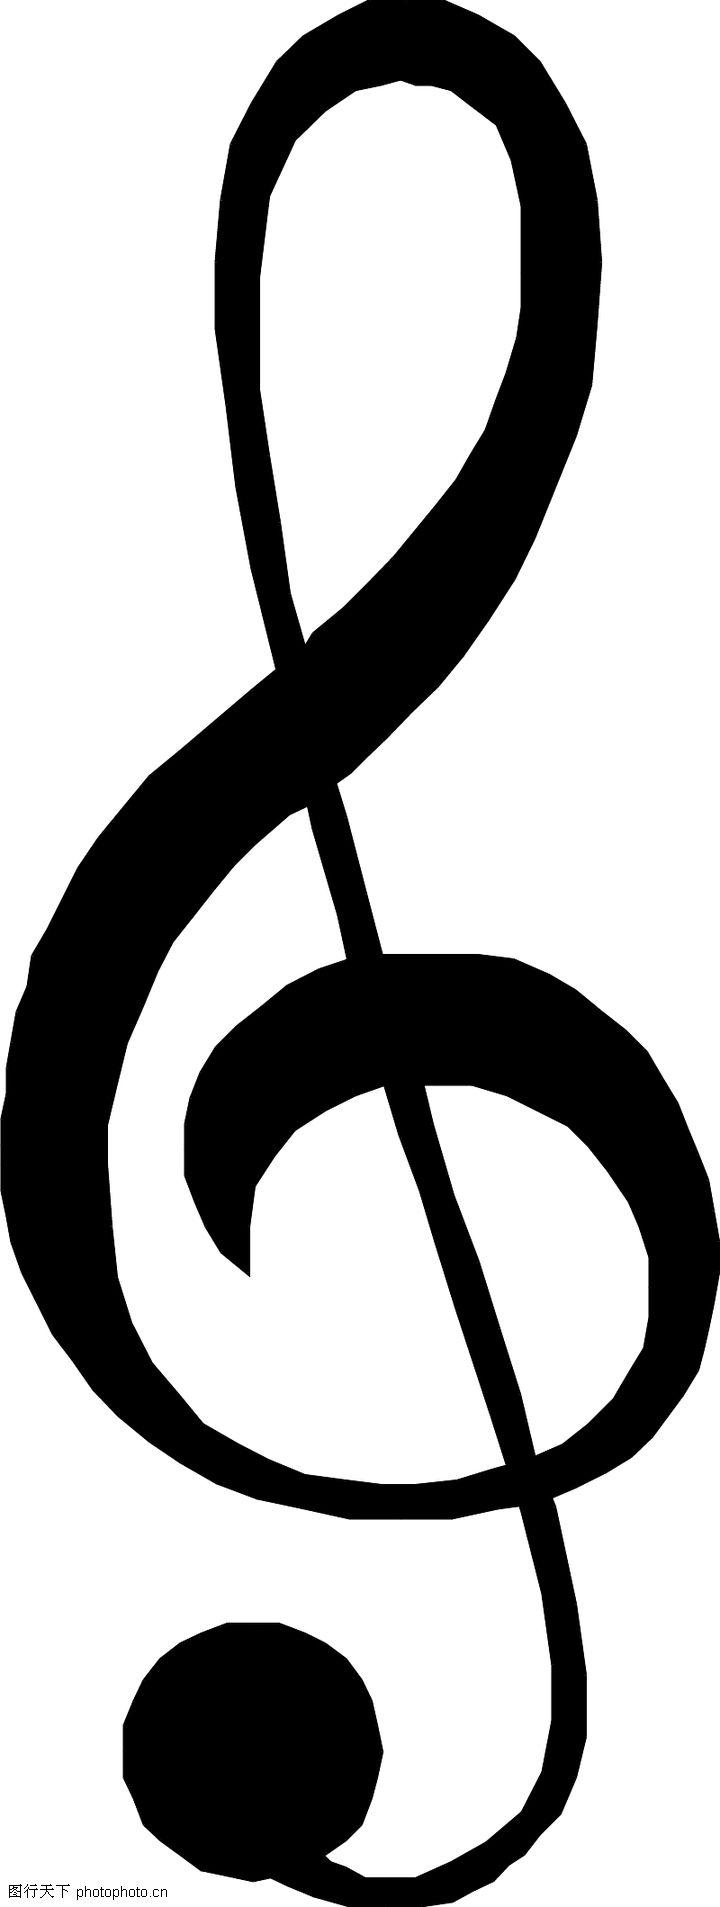 首页 矢量图库 音乐艺术 音符 >>音符0060.